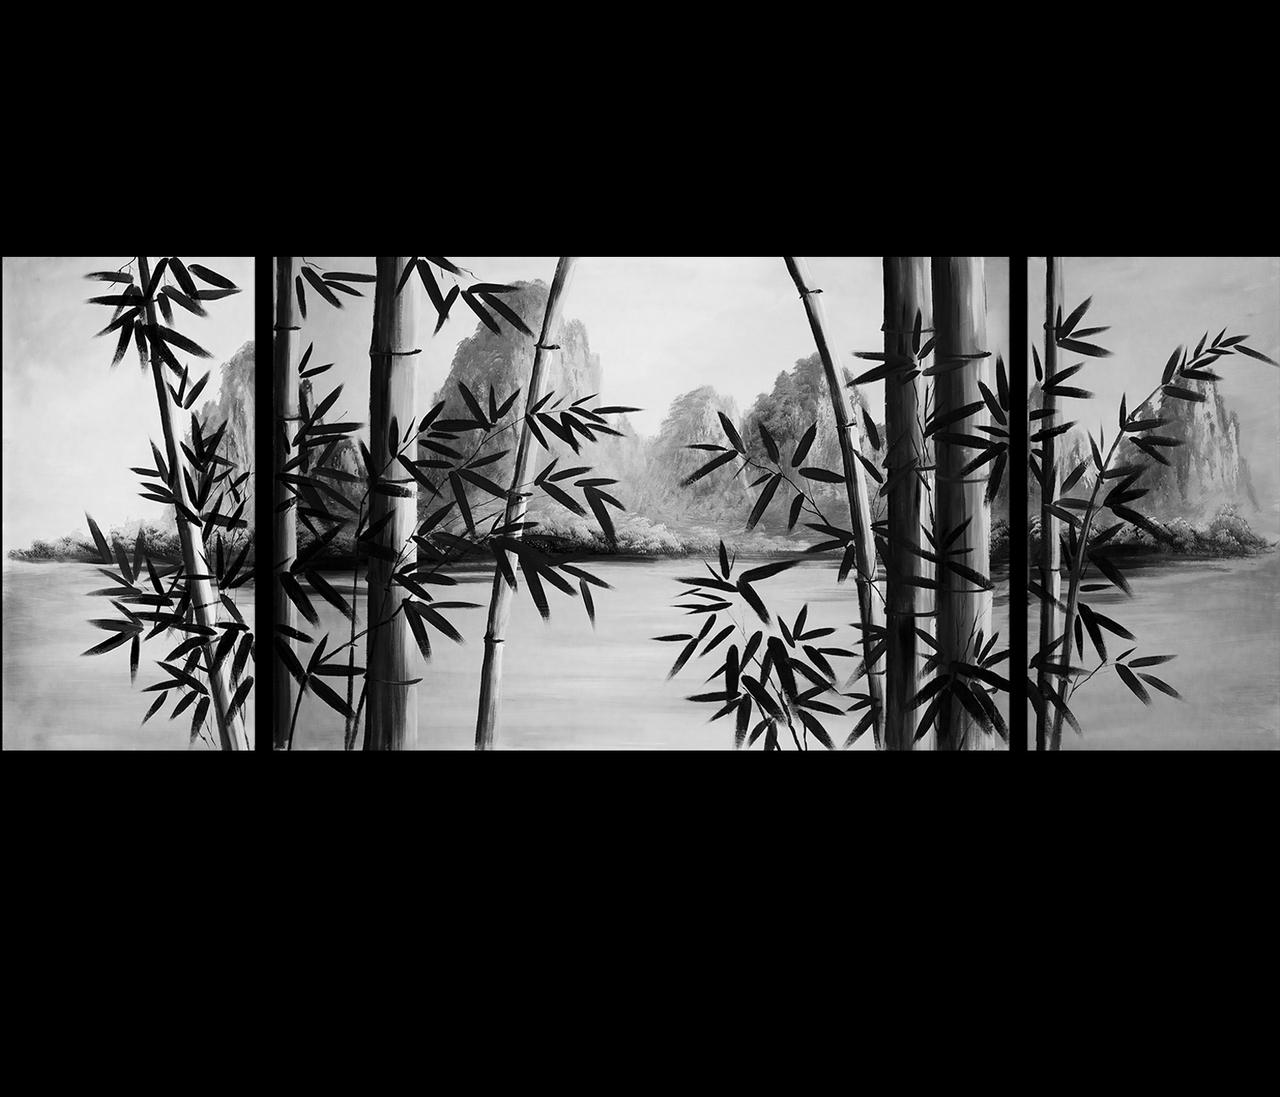 Wall Art Designs: Japanese Wall Art Framed Artwork Canvas Art Throughout Most Popular Framed Asian Art Prints (View 7 of 15)